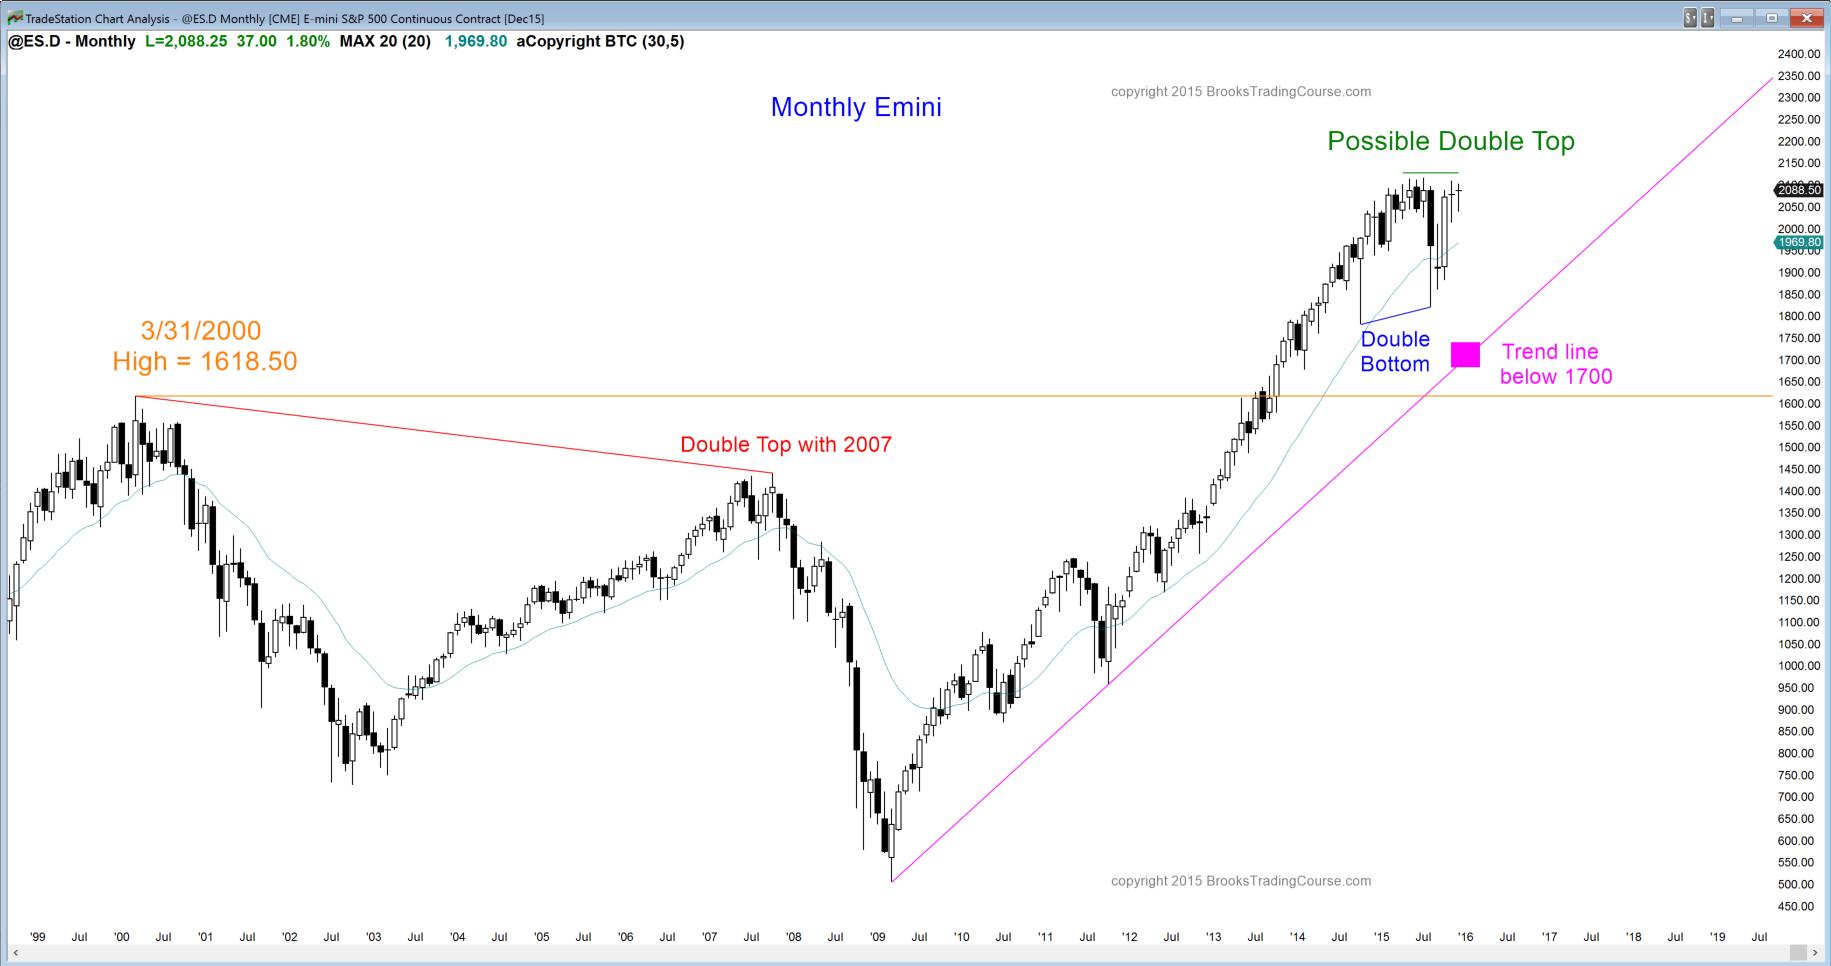 Wykres miesięczny S&P500 Emini rysuje formację podwójnego szczytu na wysokości lipcowych poziomów – będących jednocześnie rekordowymi dla indeksu.